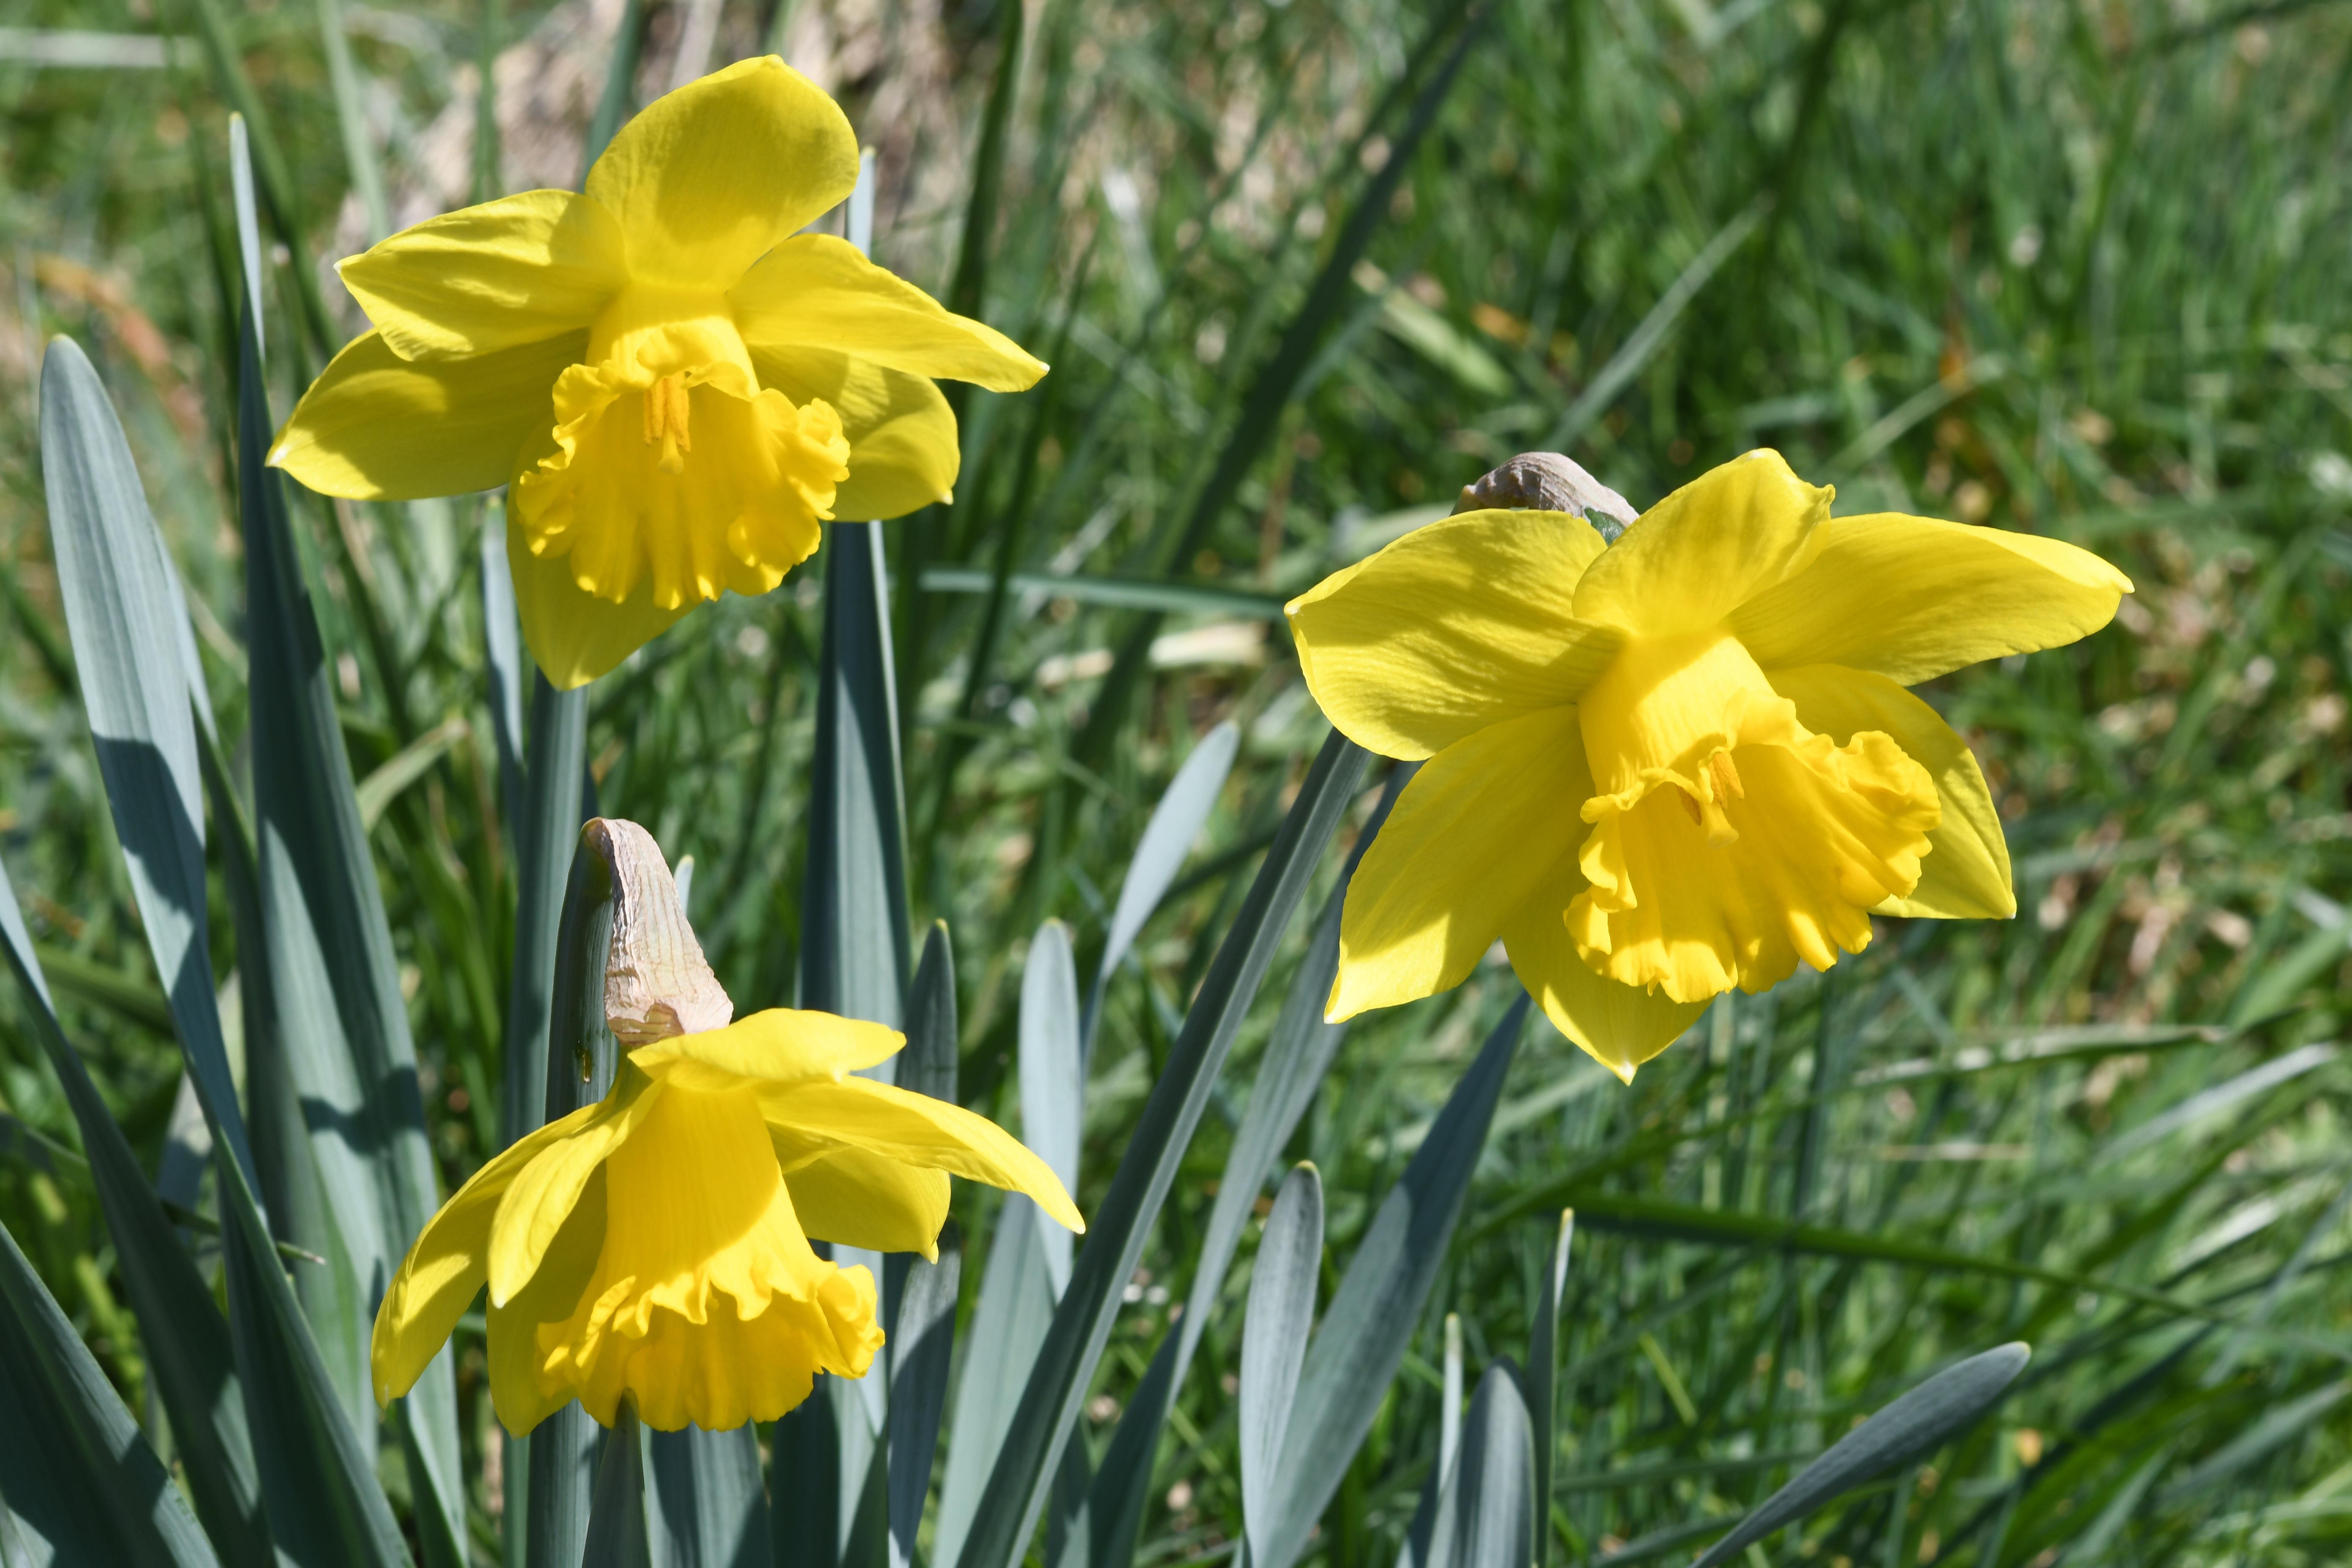 Фото желтая Цветы Нарциссы Крупным планом 5568x3712 Желтый желтые желтых цветок вблизи